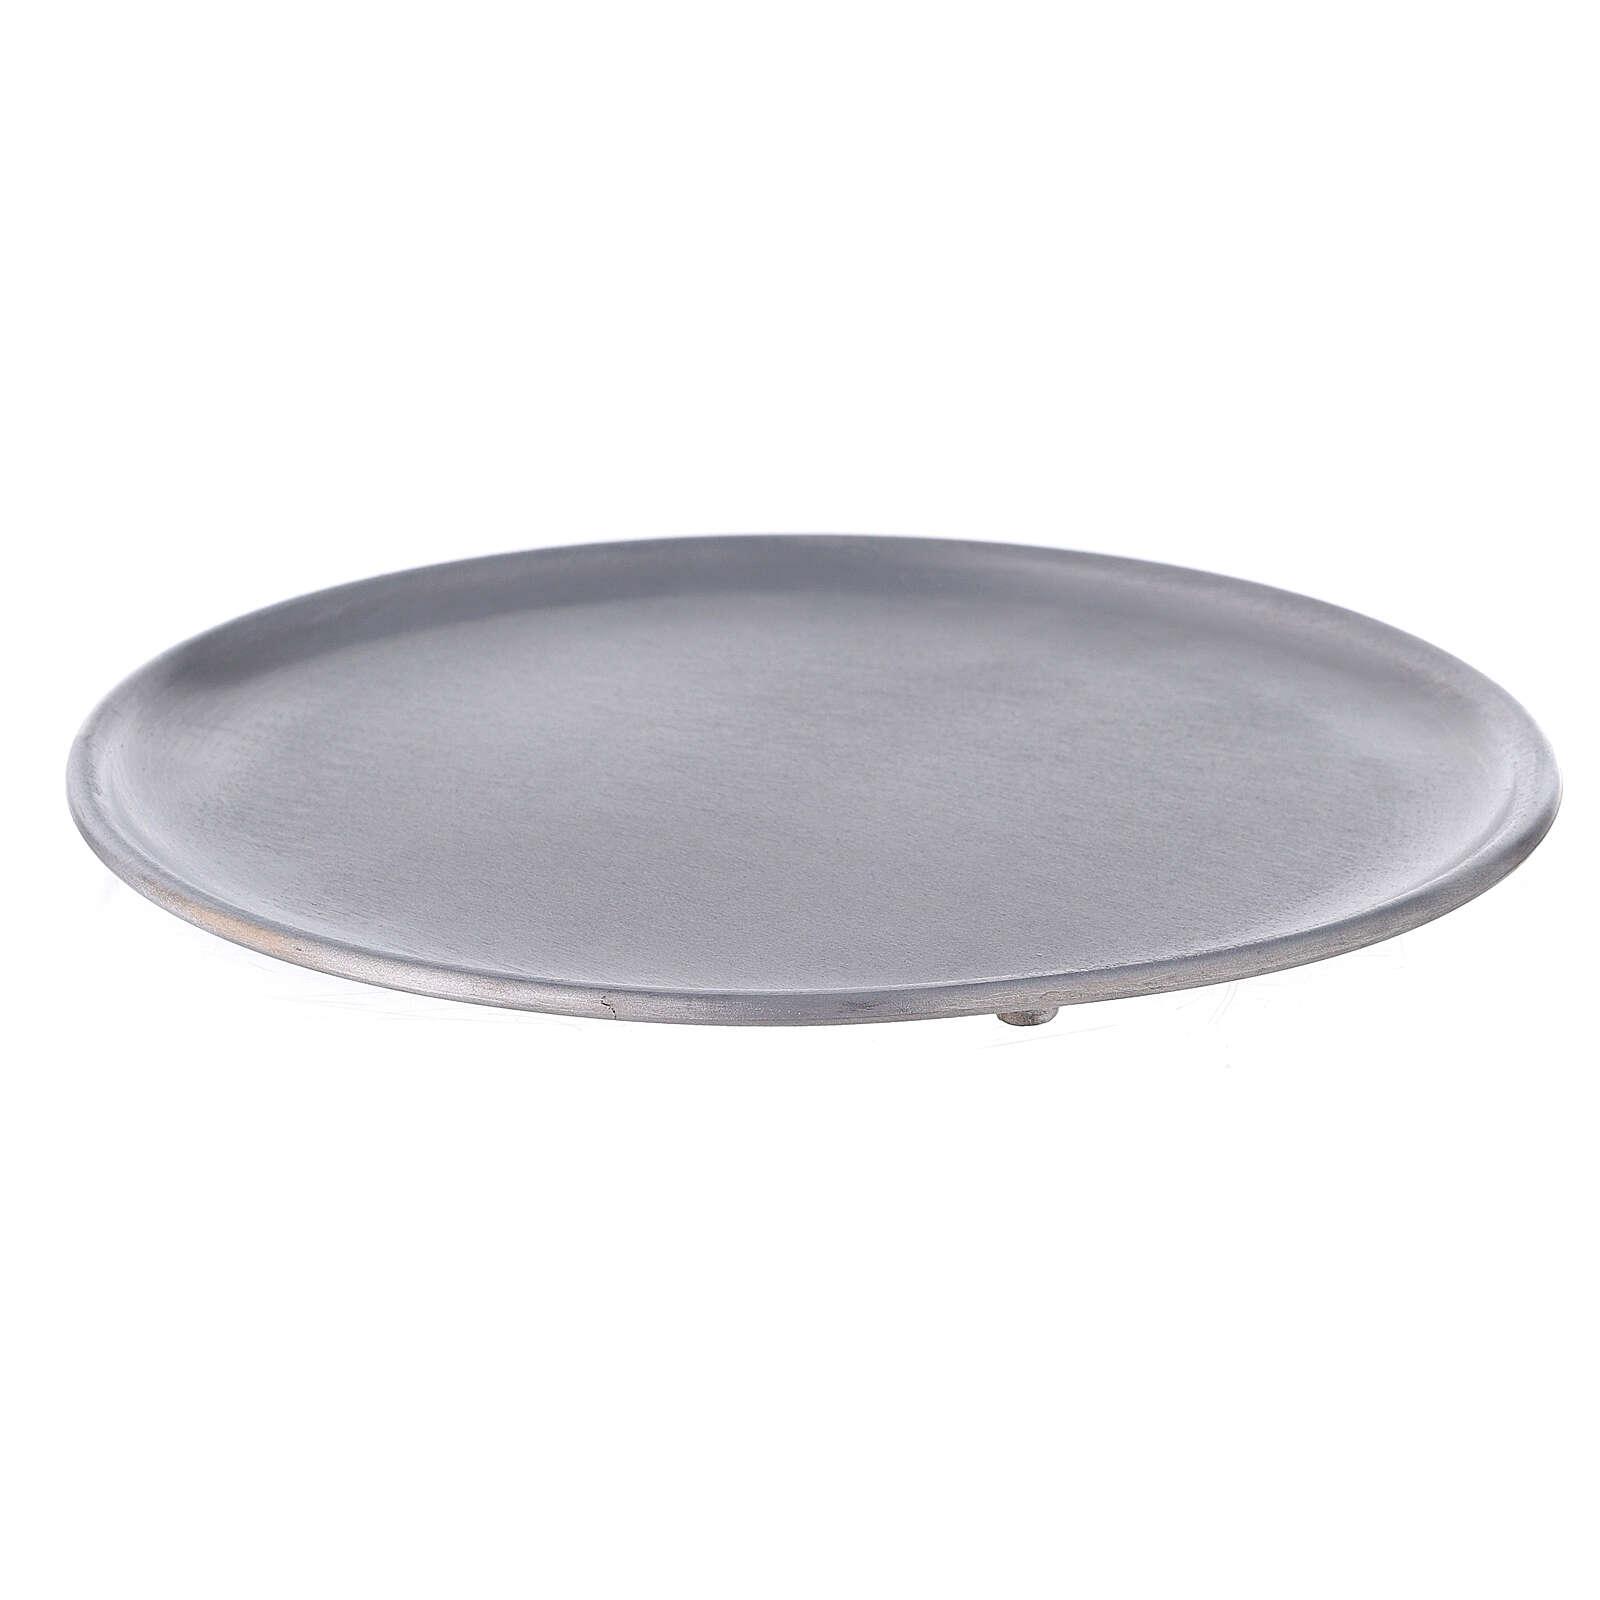 Portacandela alluminio spazzolato 19 cm 3